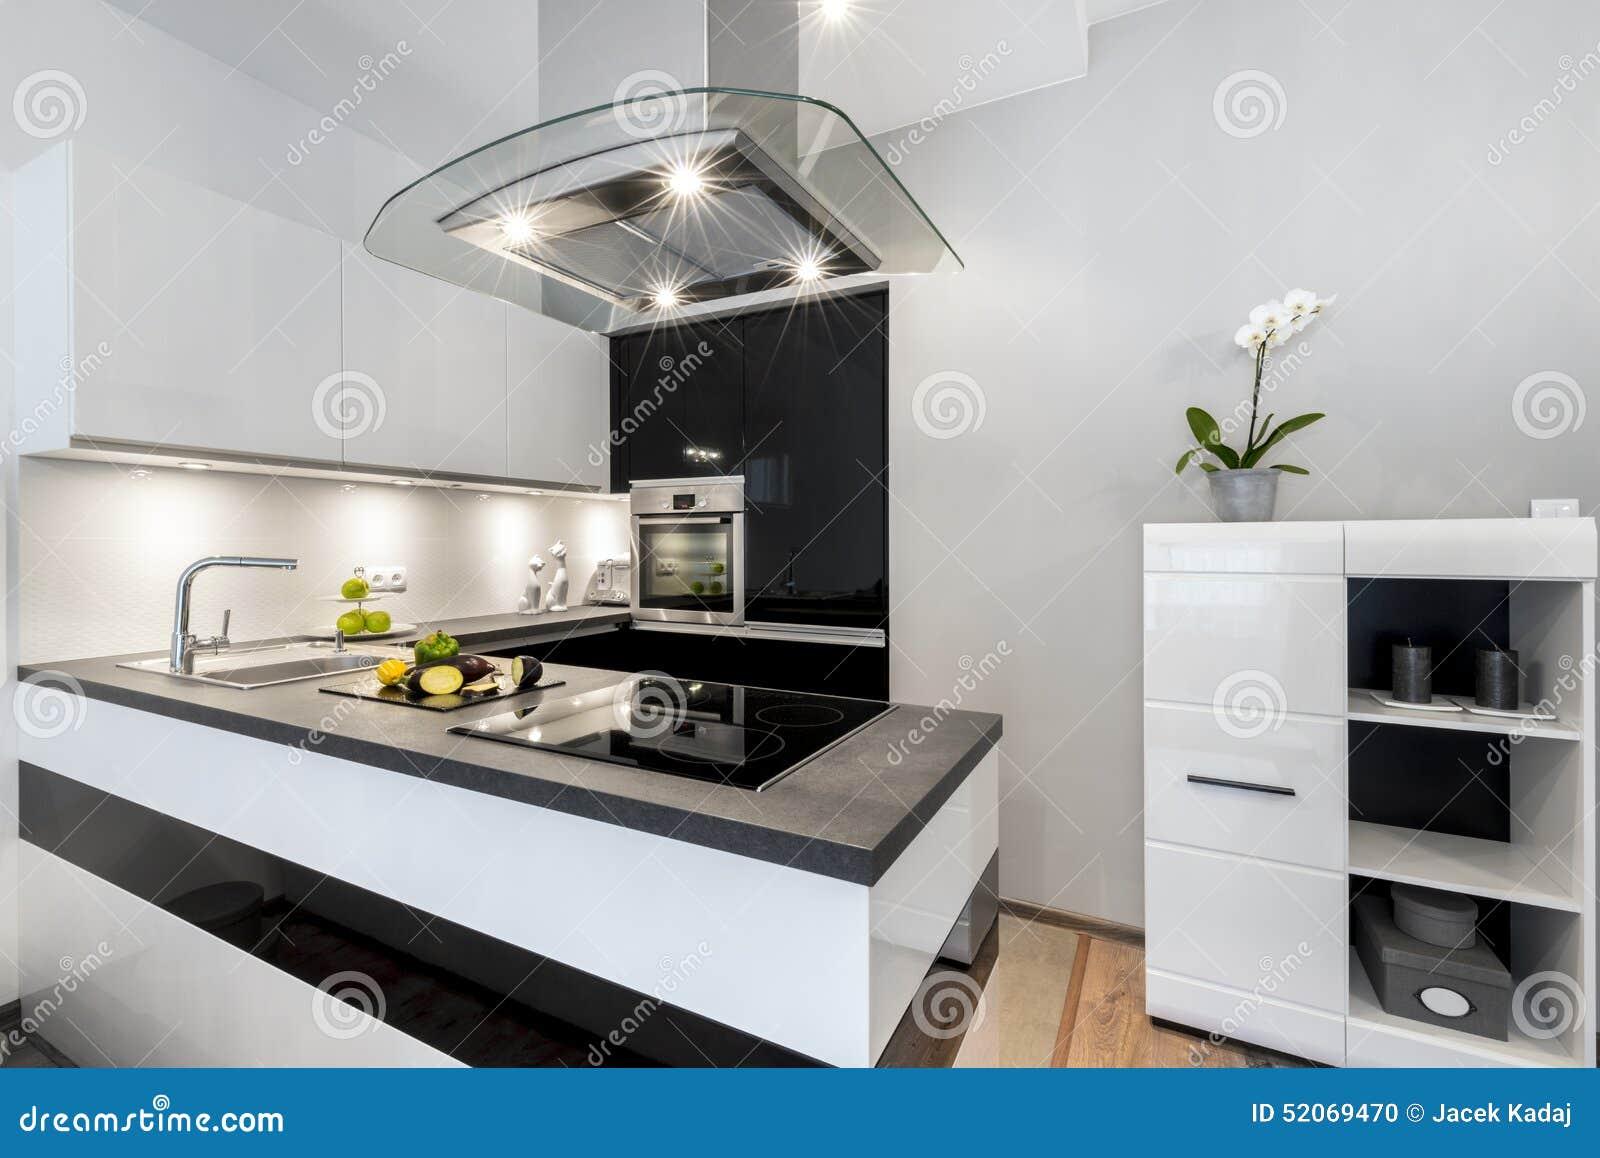 Download Moderne Innenarchitektur Der Schwarzweiss Küche Stockfoto   Bild  Von Integriert, Gerät: 52069470